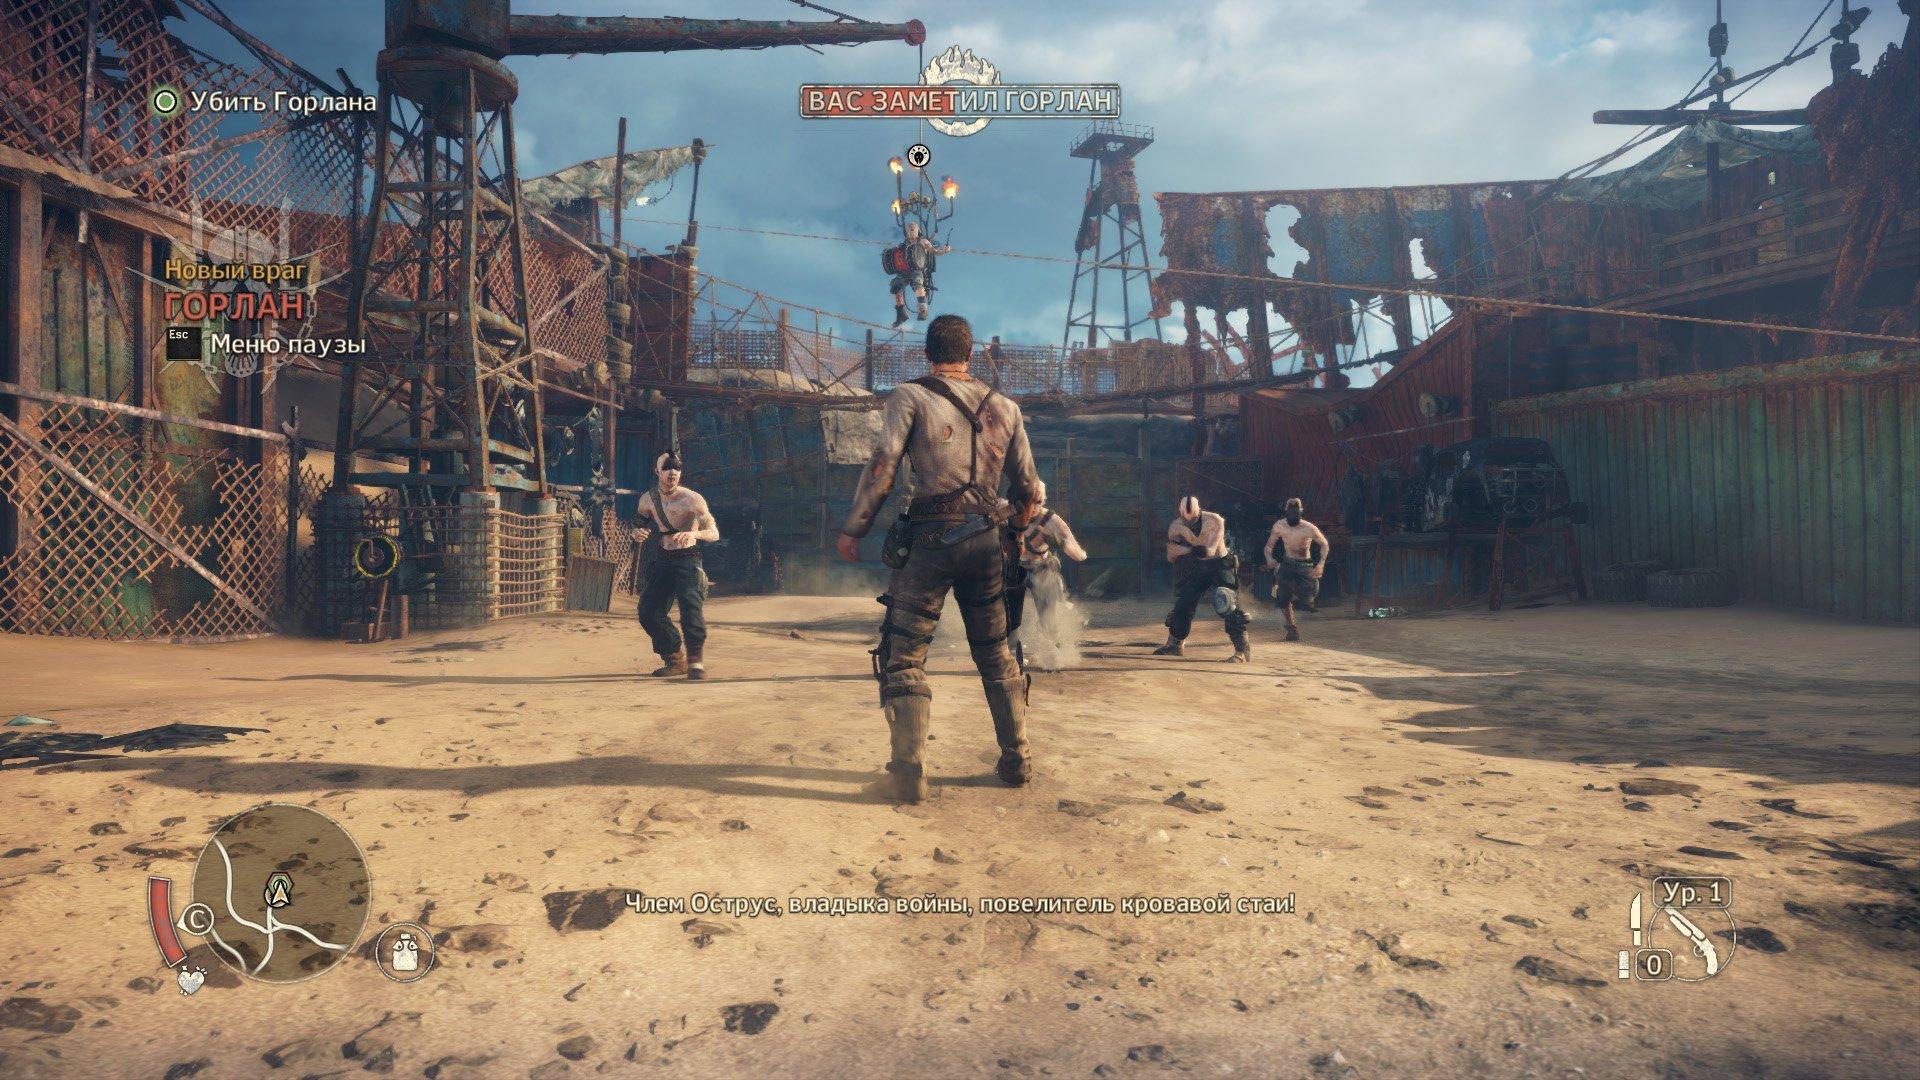 Скриншот Mad Max [v 1.0.3.0 + DLC's] (2015) PC | RePack от R.G. Механики